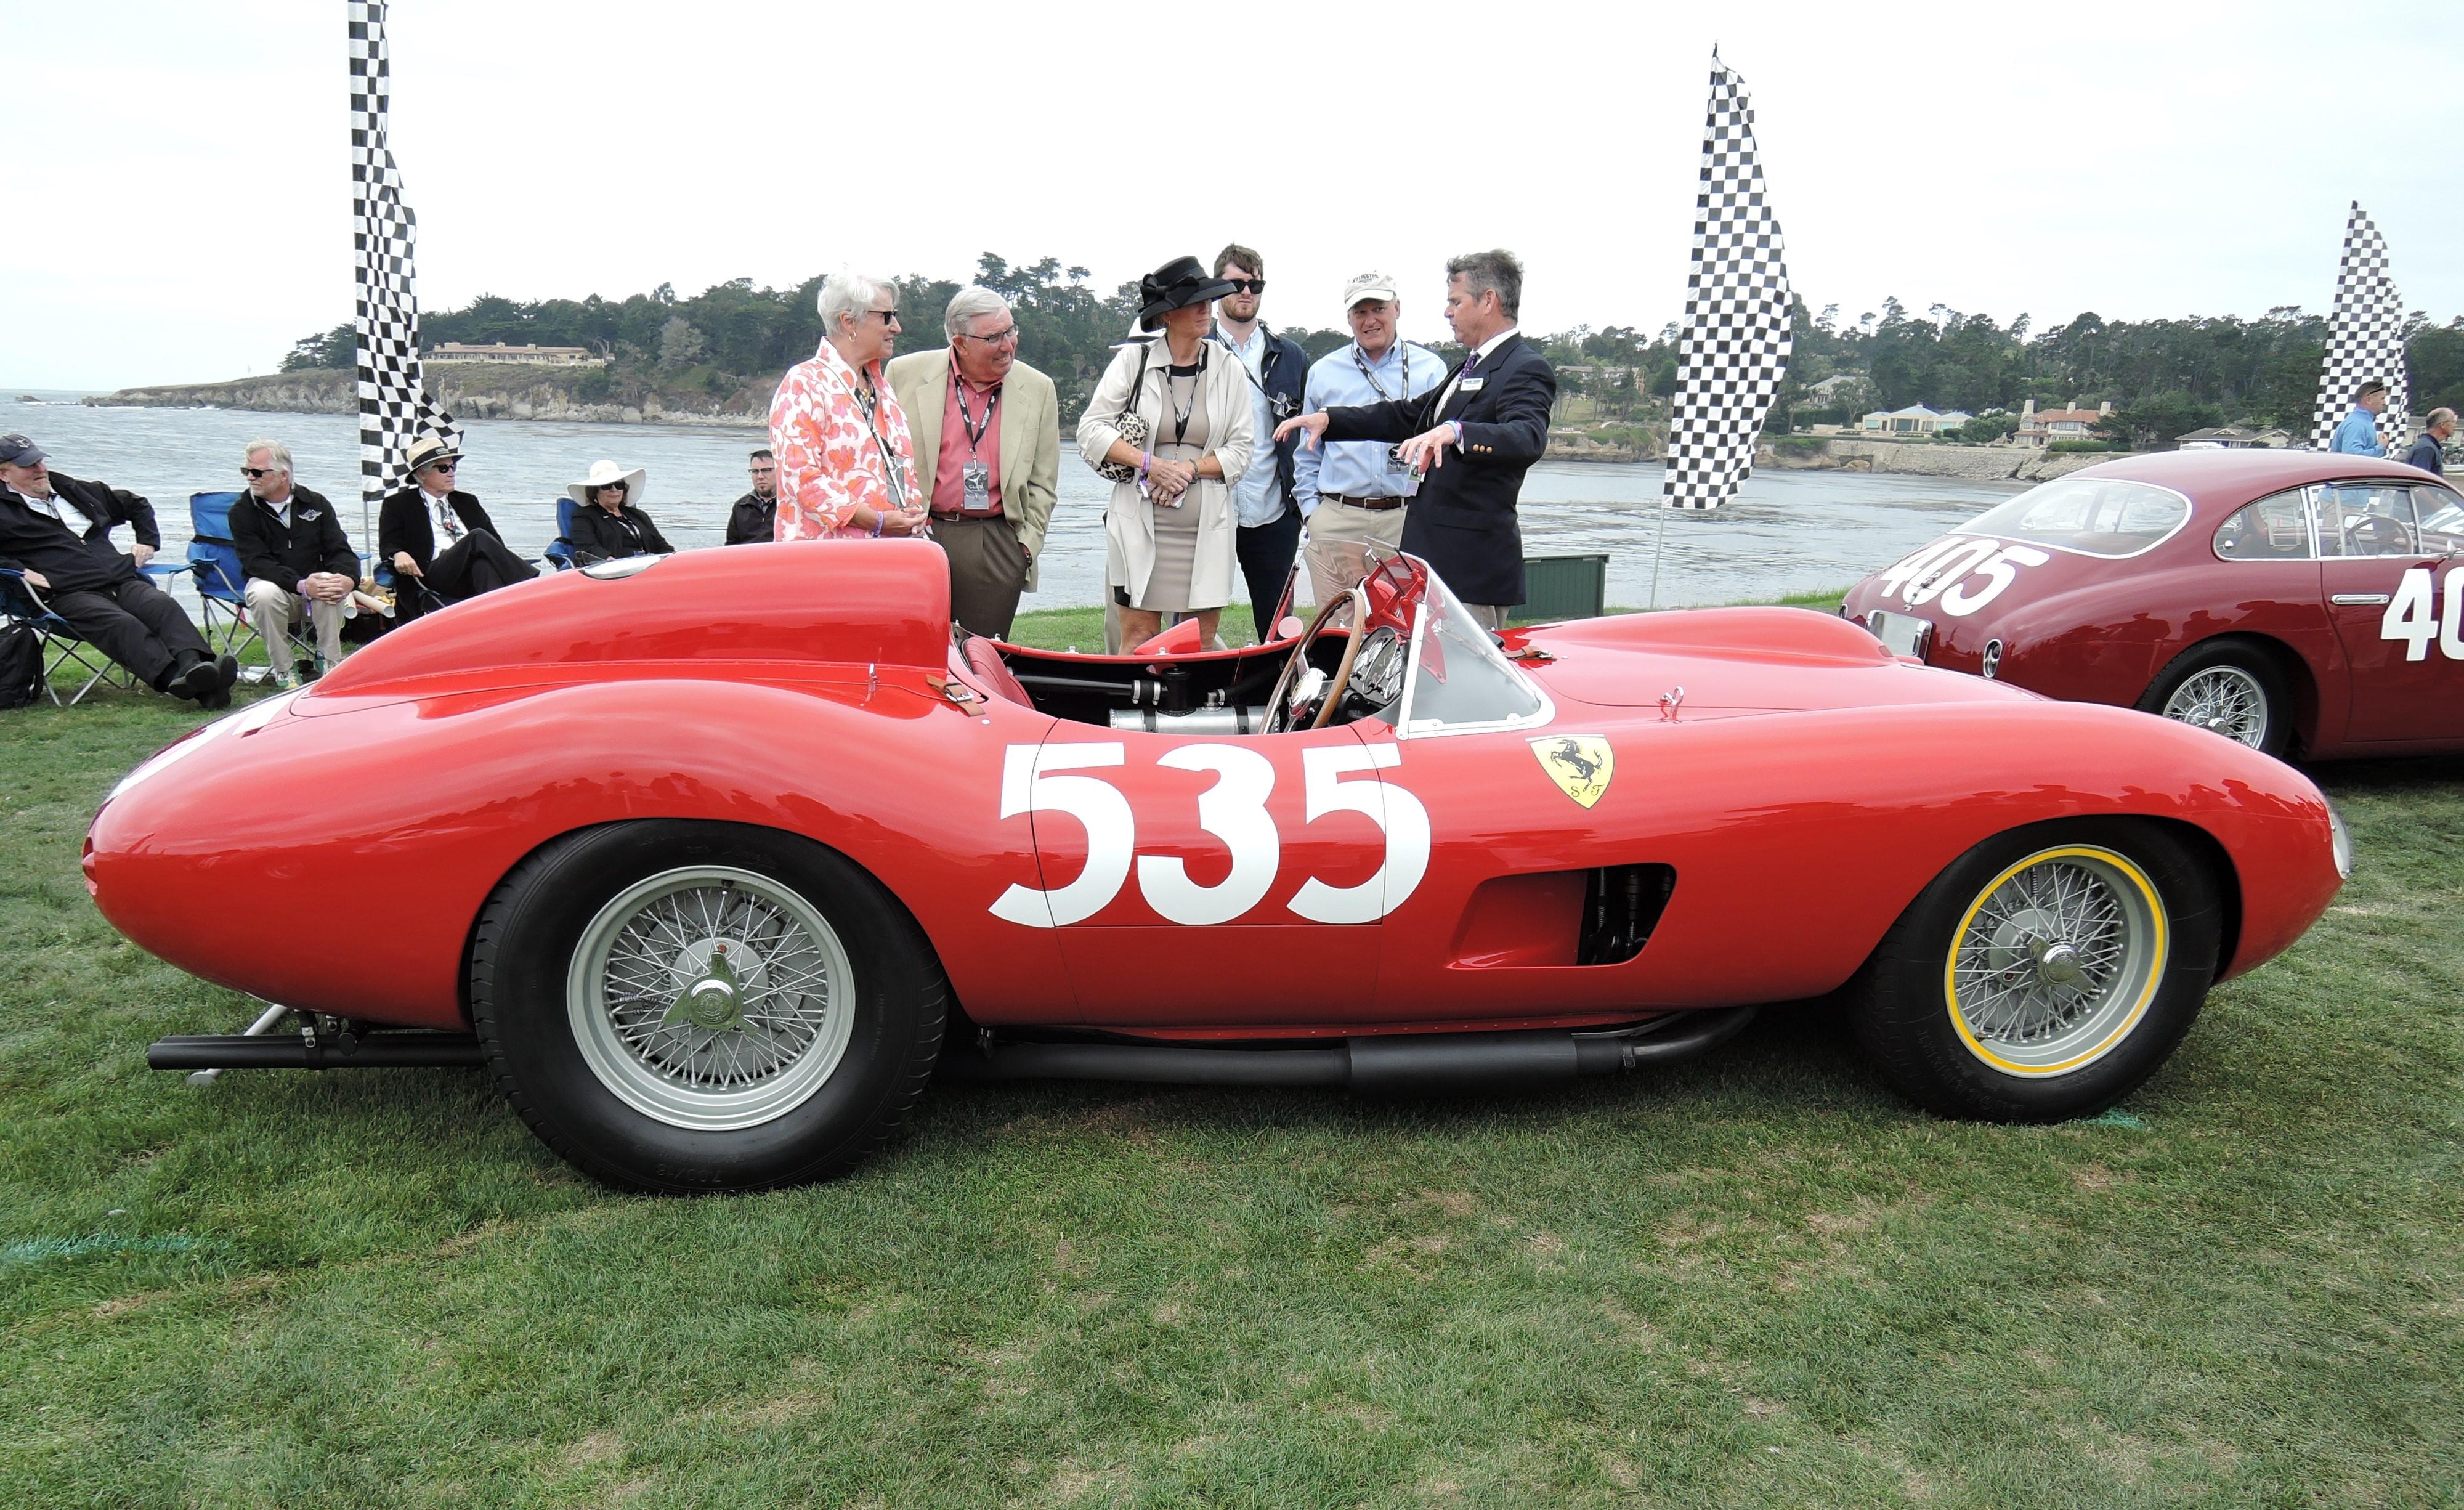 red 1957 Ferrari 315 S Scaglietti Spider; Sn 0684 - Pebble Beach Concours d'Elegance 2017